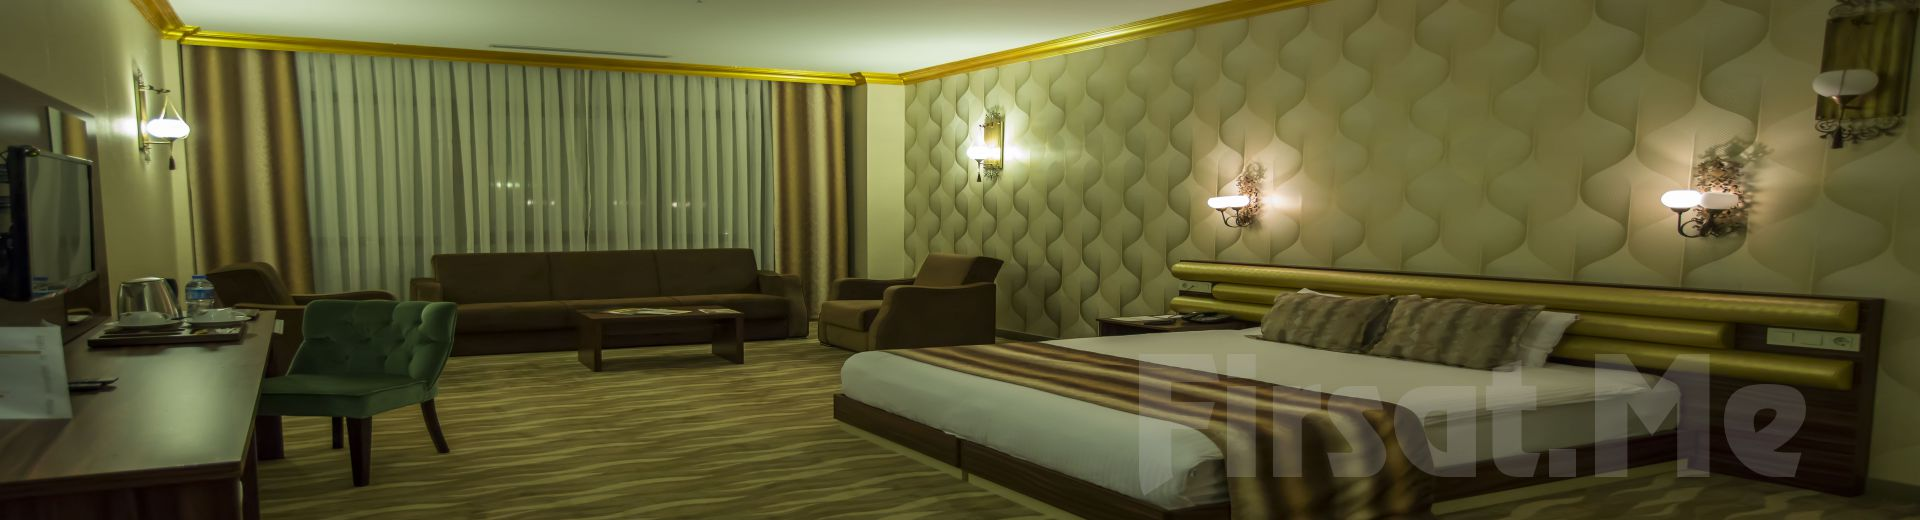 Mudurnu Sarot Termal Park Resort Otel'de Termal Tesis Kullanımı ve Konaklama Paketleri!